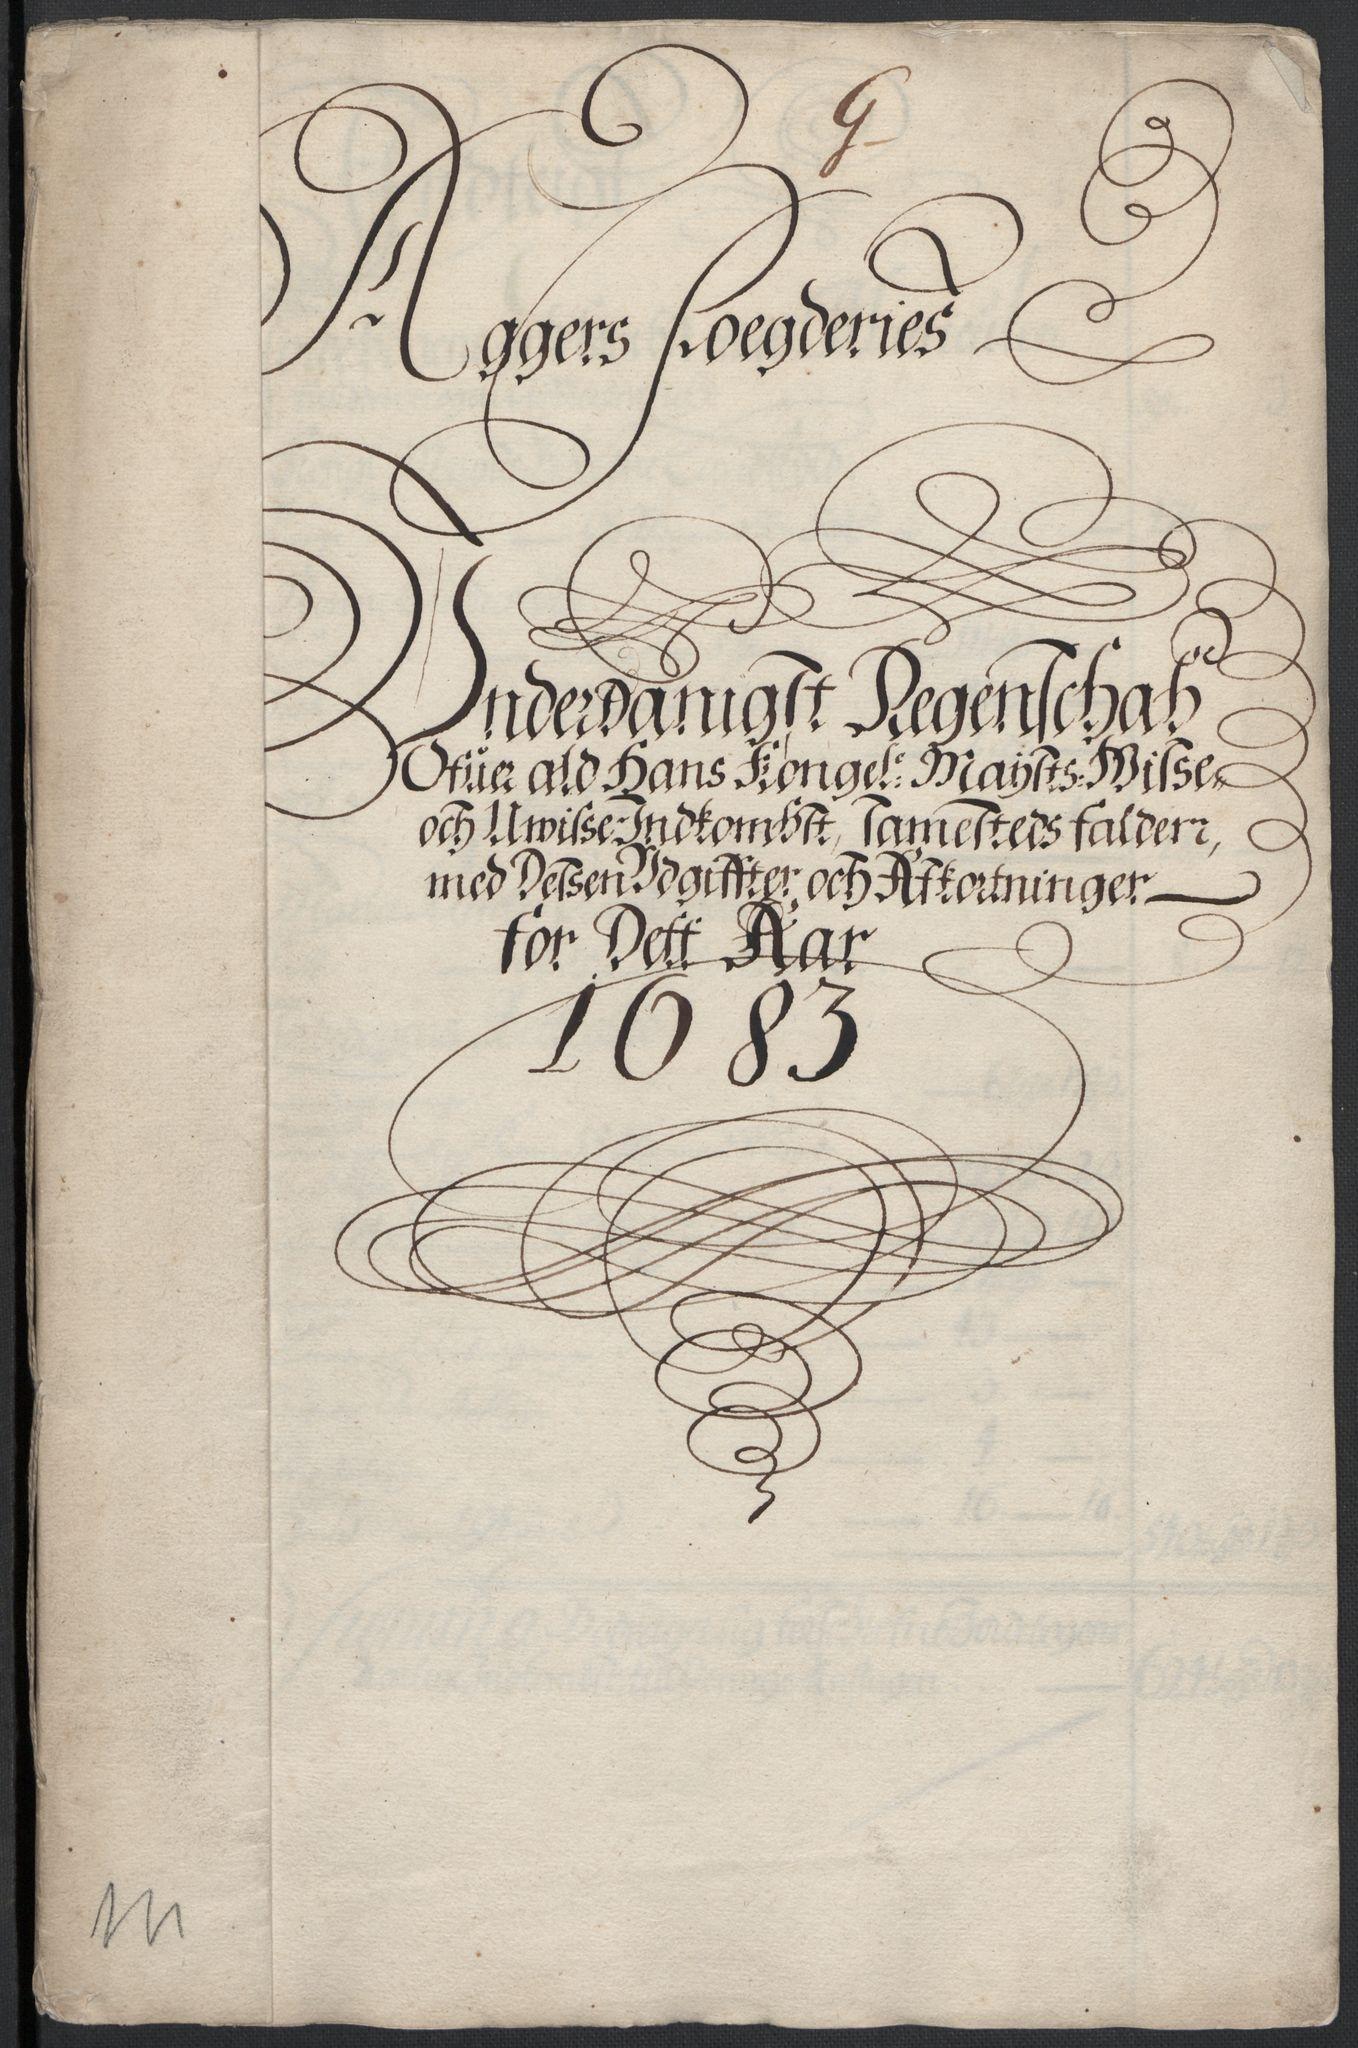 RA, Rentekammeret inntil 1814, Reviderte regnskaper, Fogderegnskap, R08/L0420: Fogderegnskap Aker, 1682-1691, s. 212